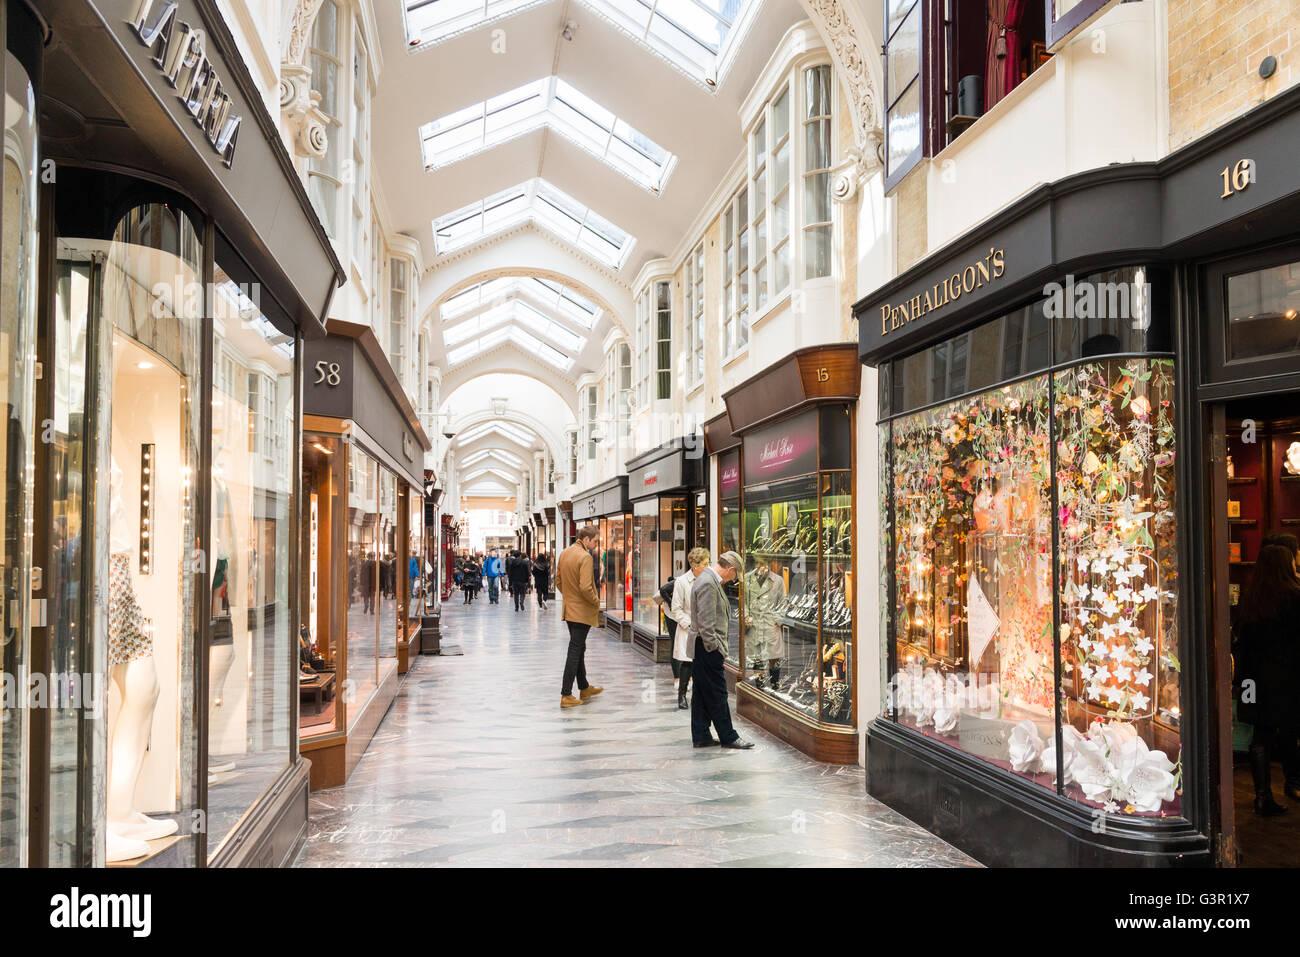 Upmarket shops in Burlington Arcade, Piccadilly, London, England, UK - Stock Image